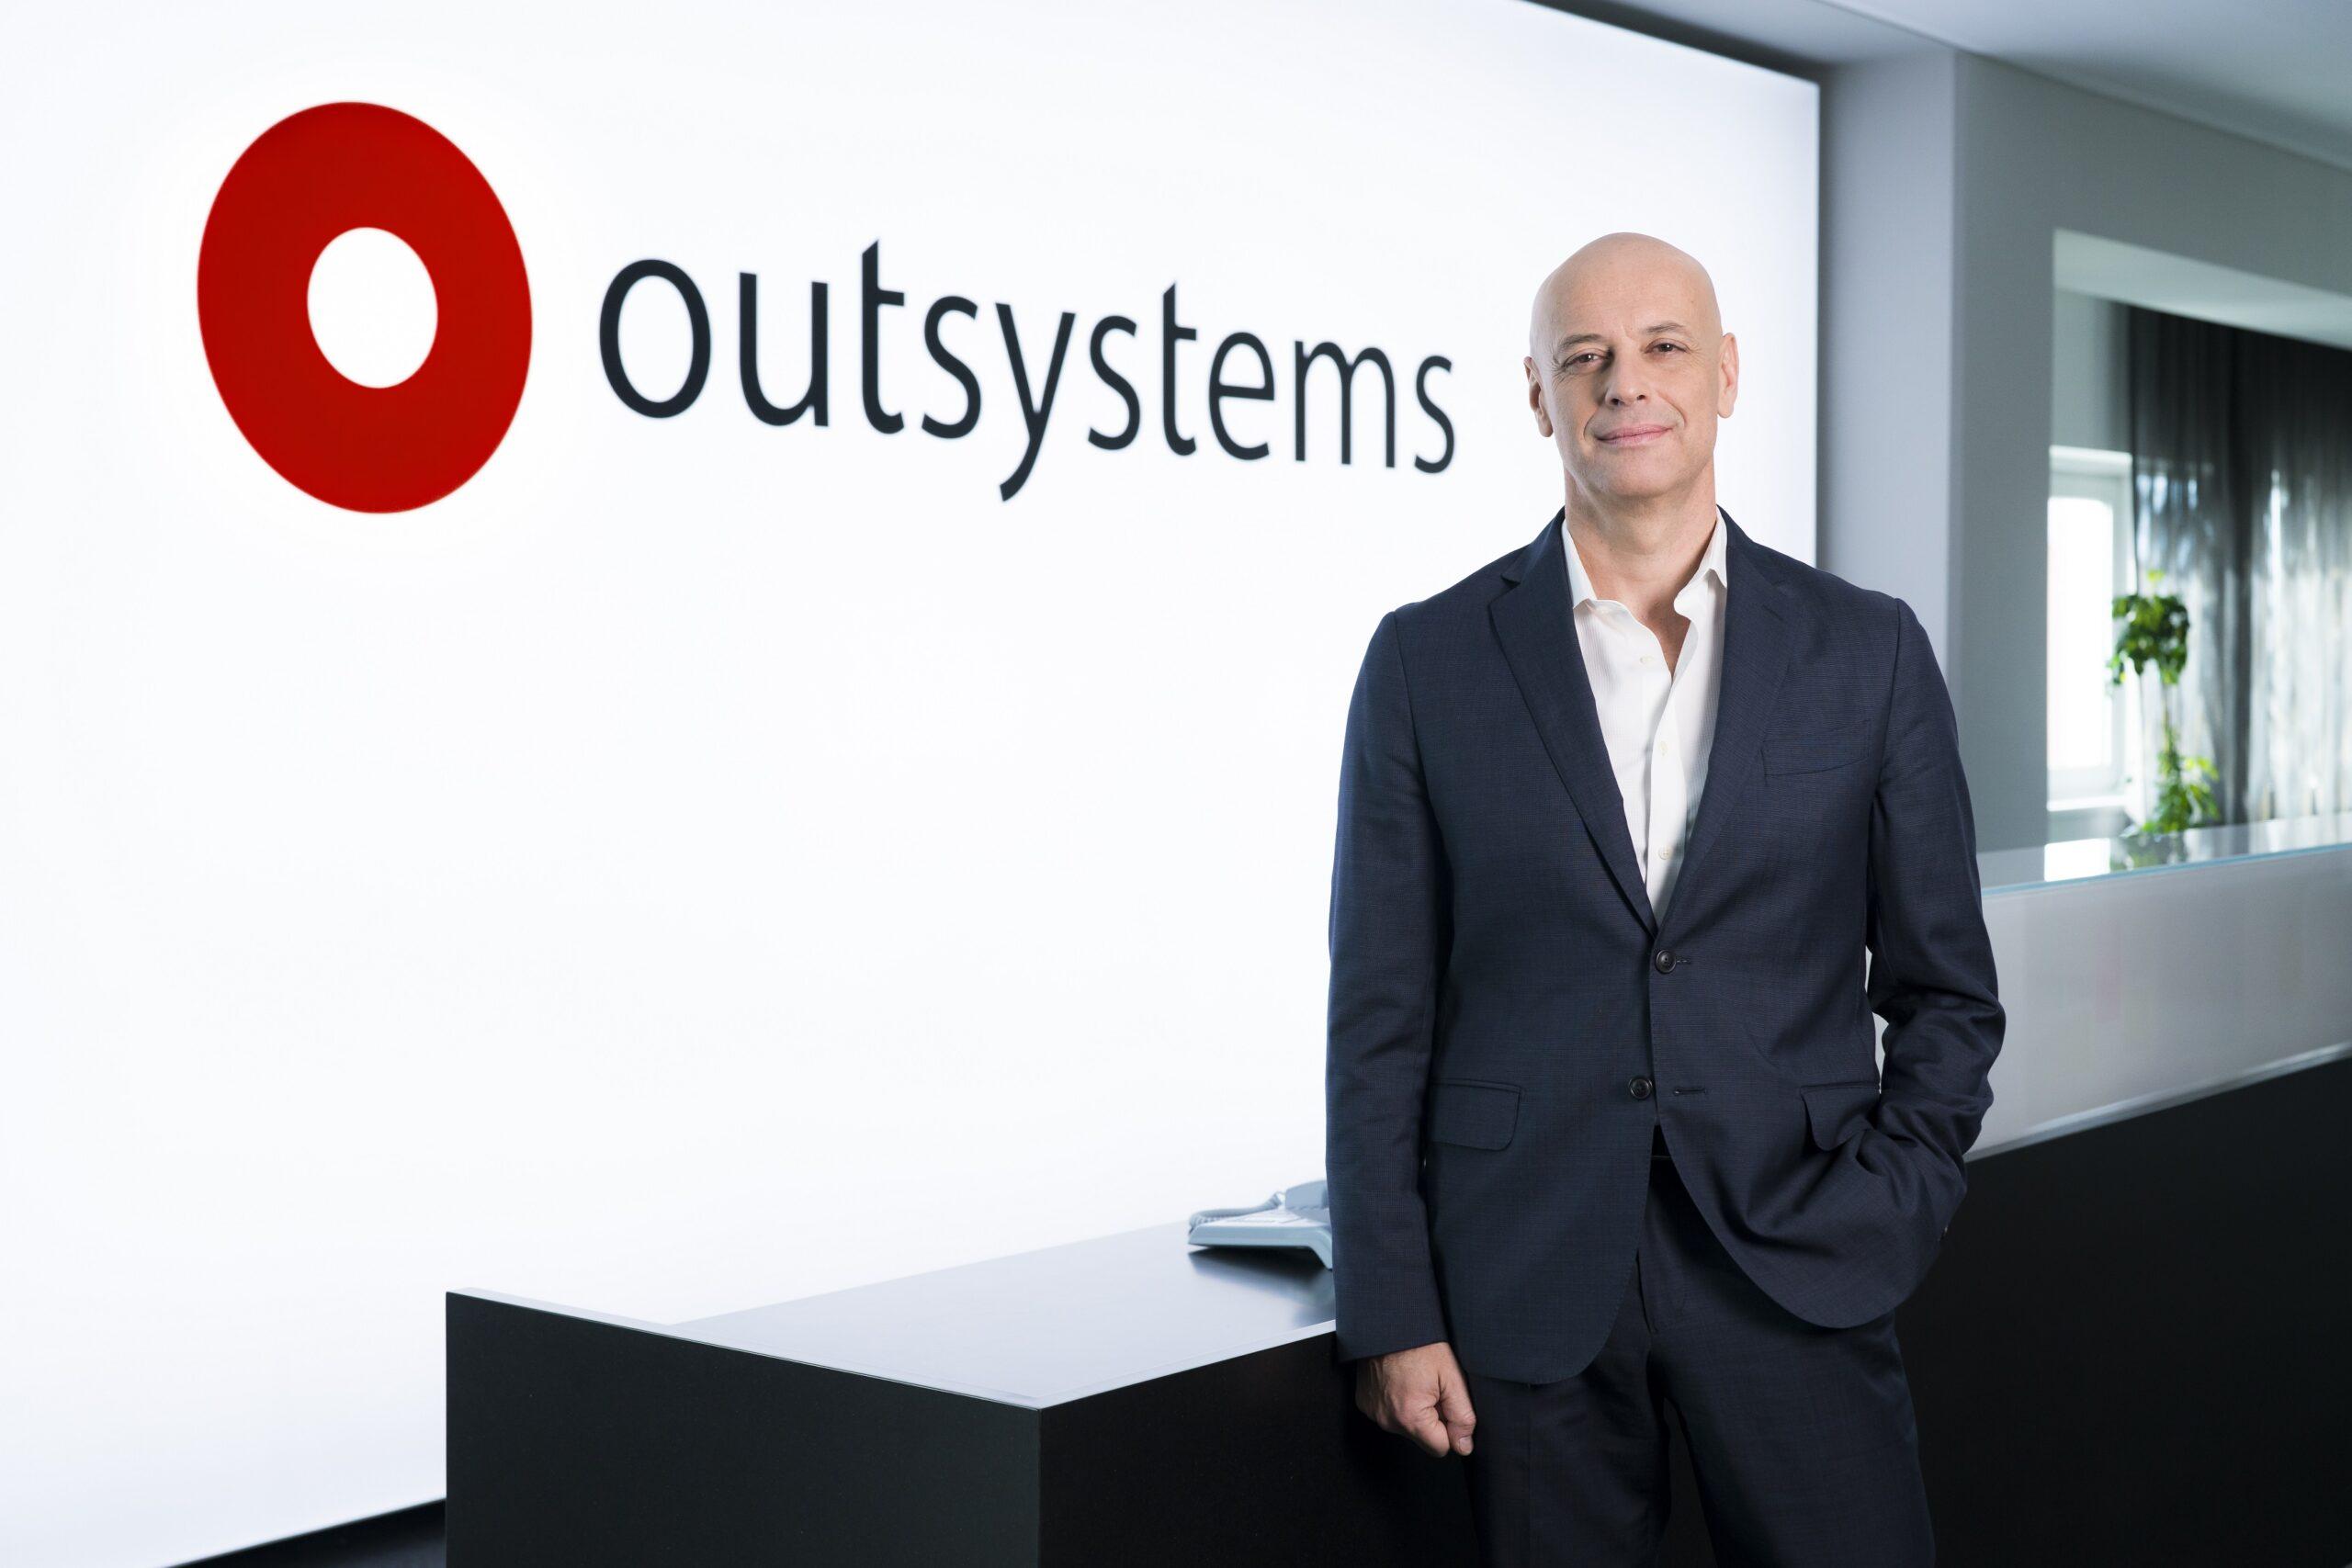 นายเปาโล โรซาโด ประธานบริหารและผู้ก่อตั้งบริษัทOutSystems